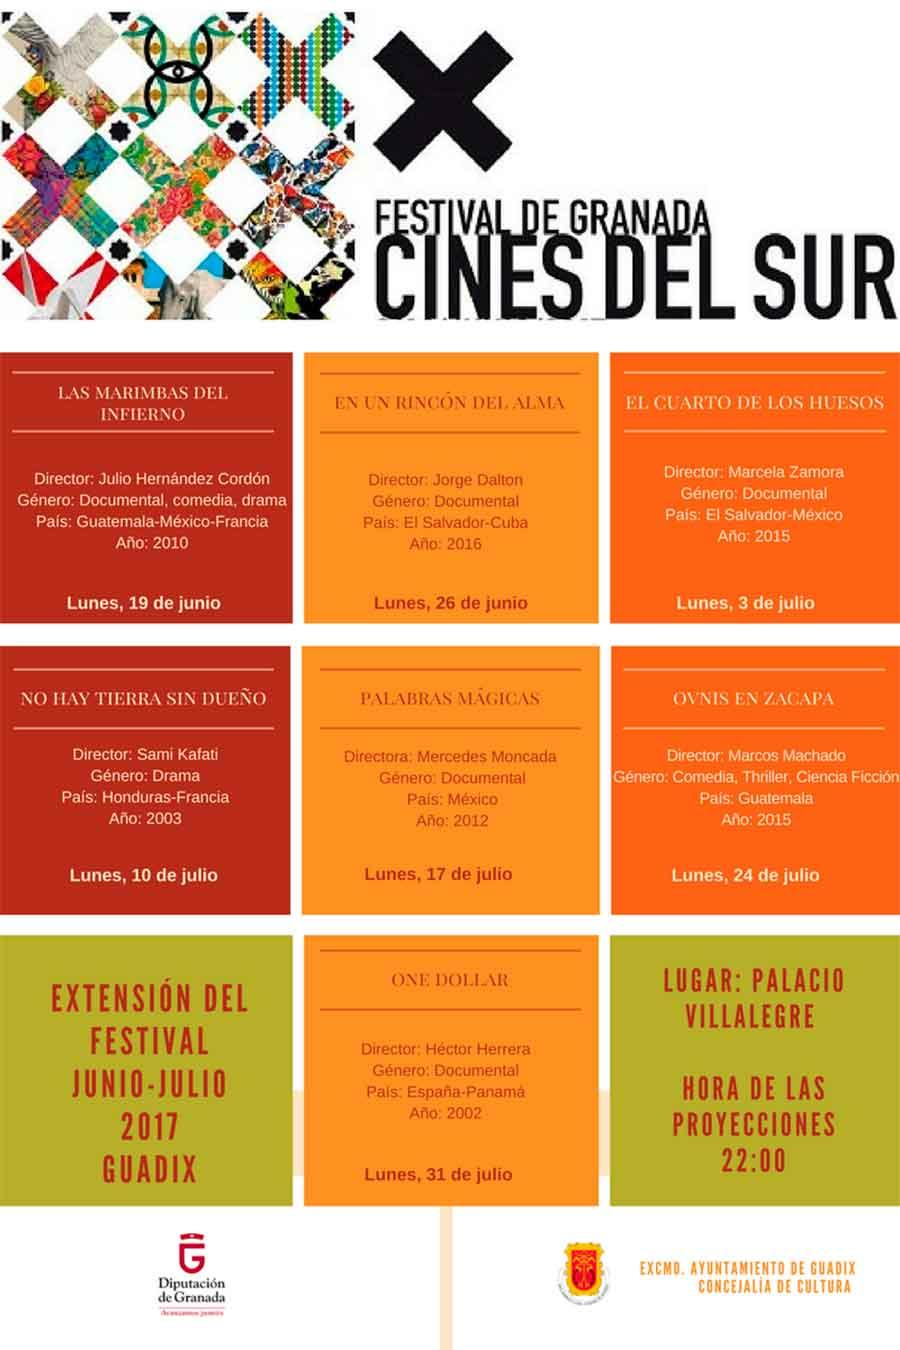 Cine en Guadix